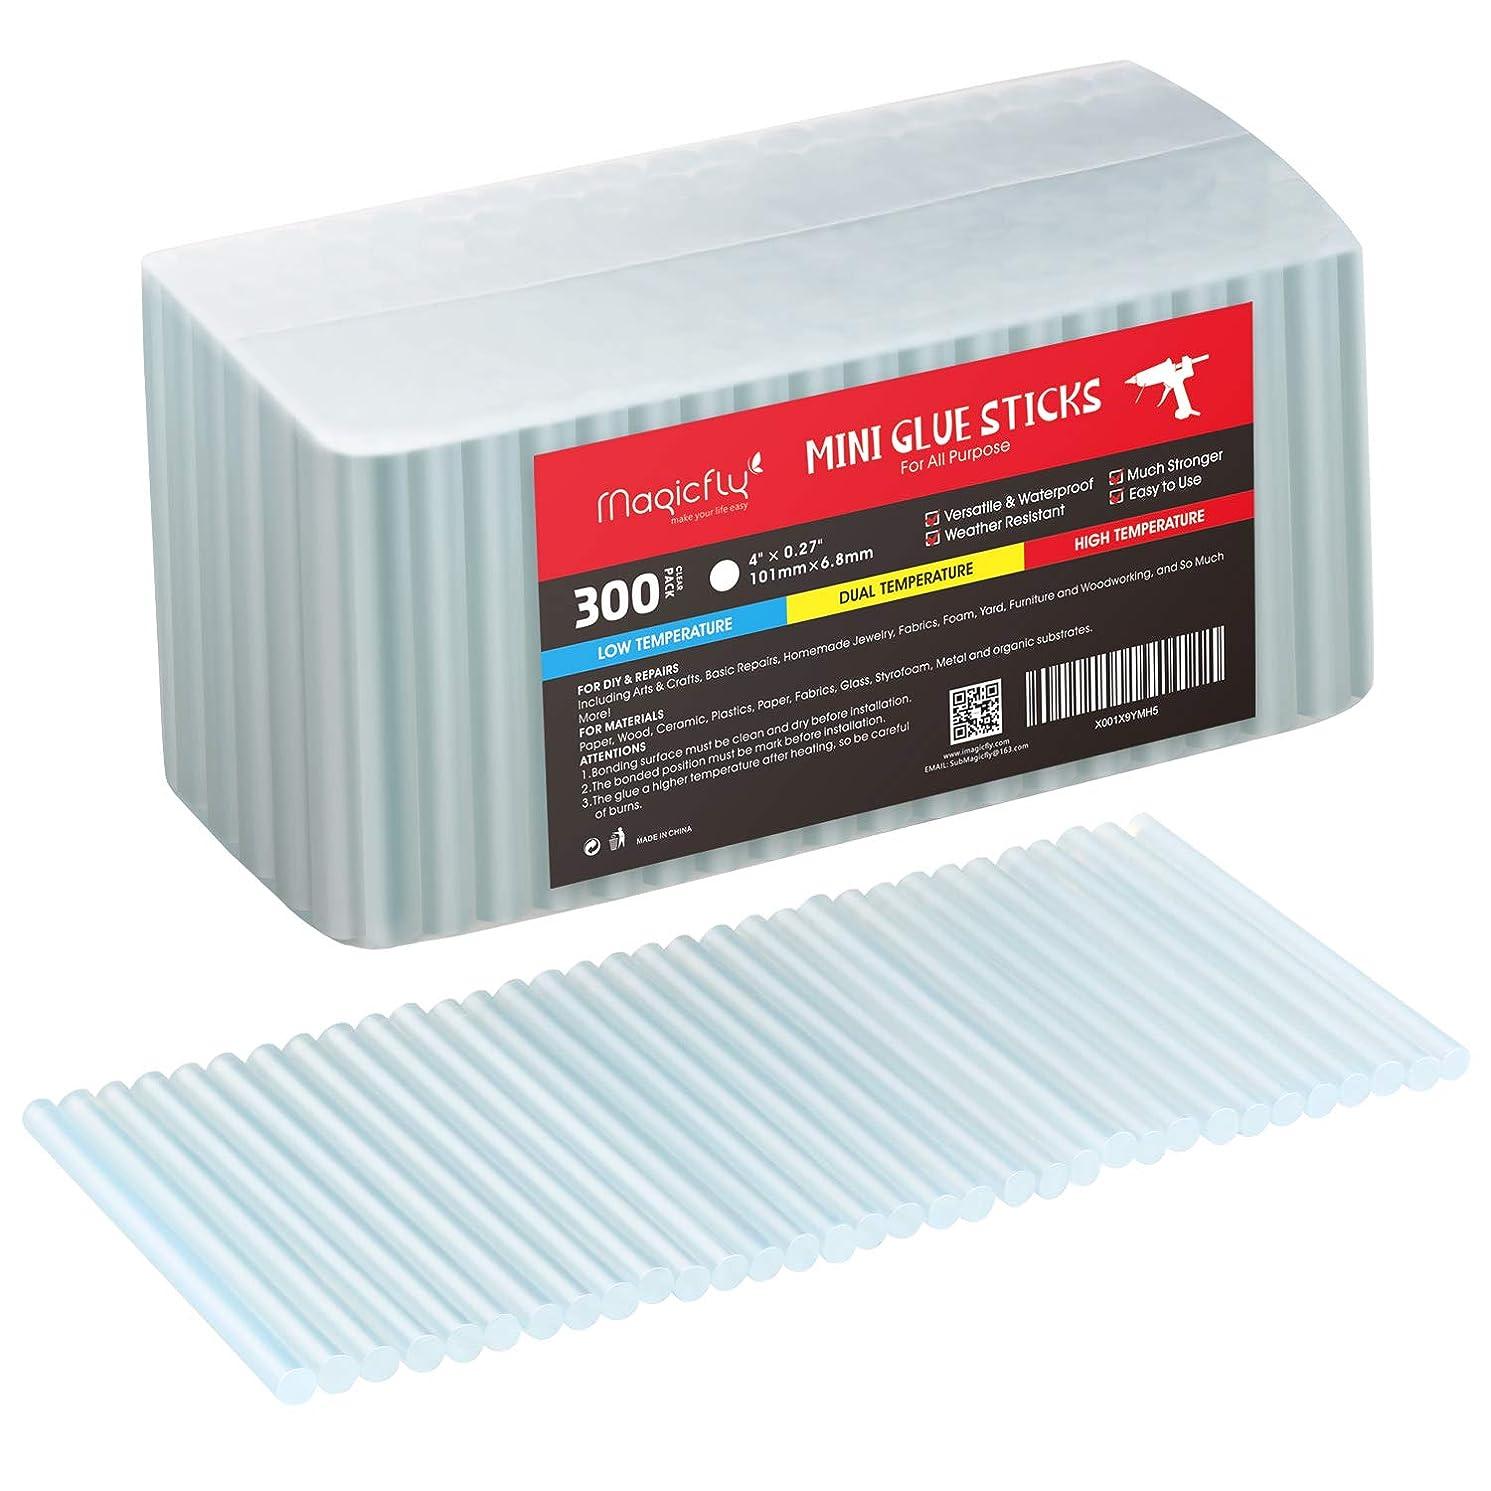 Magicfly Mini Hot Glue Gun Sticks, Huge Pack of 300, 4